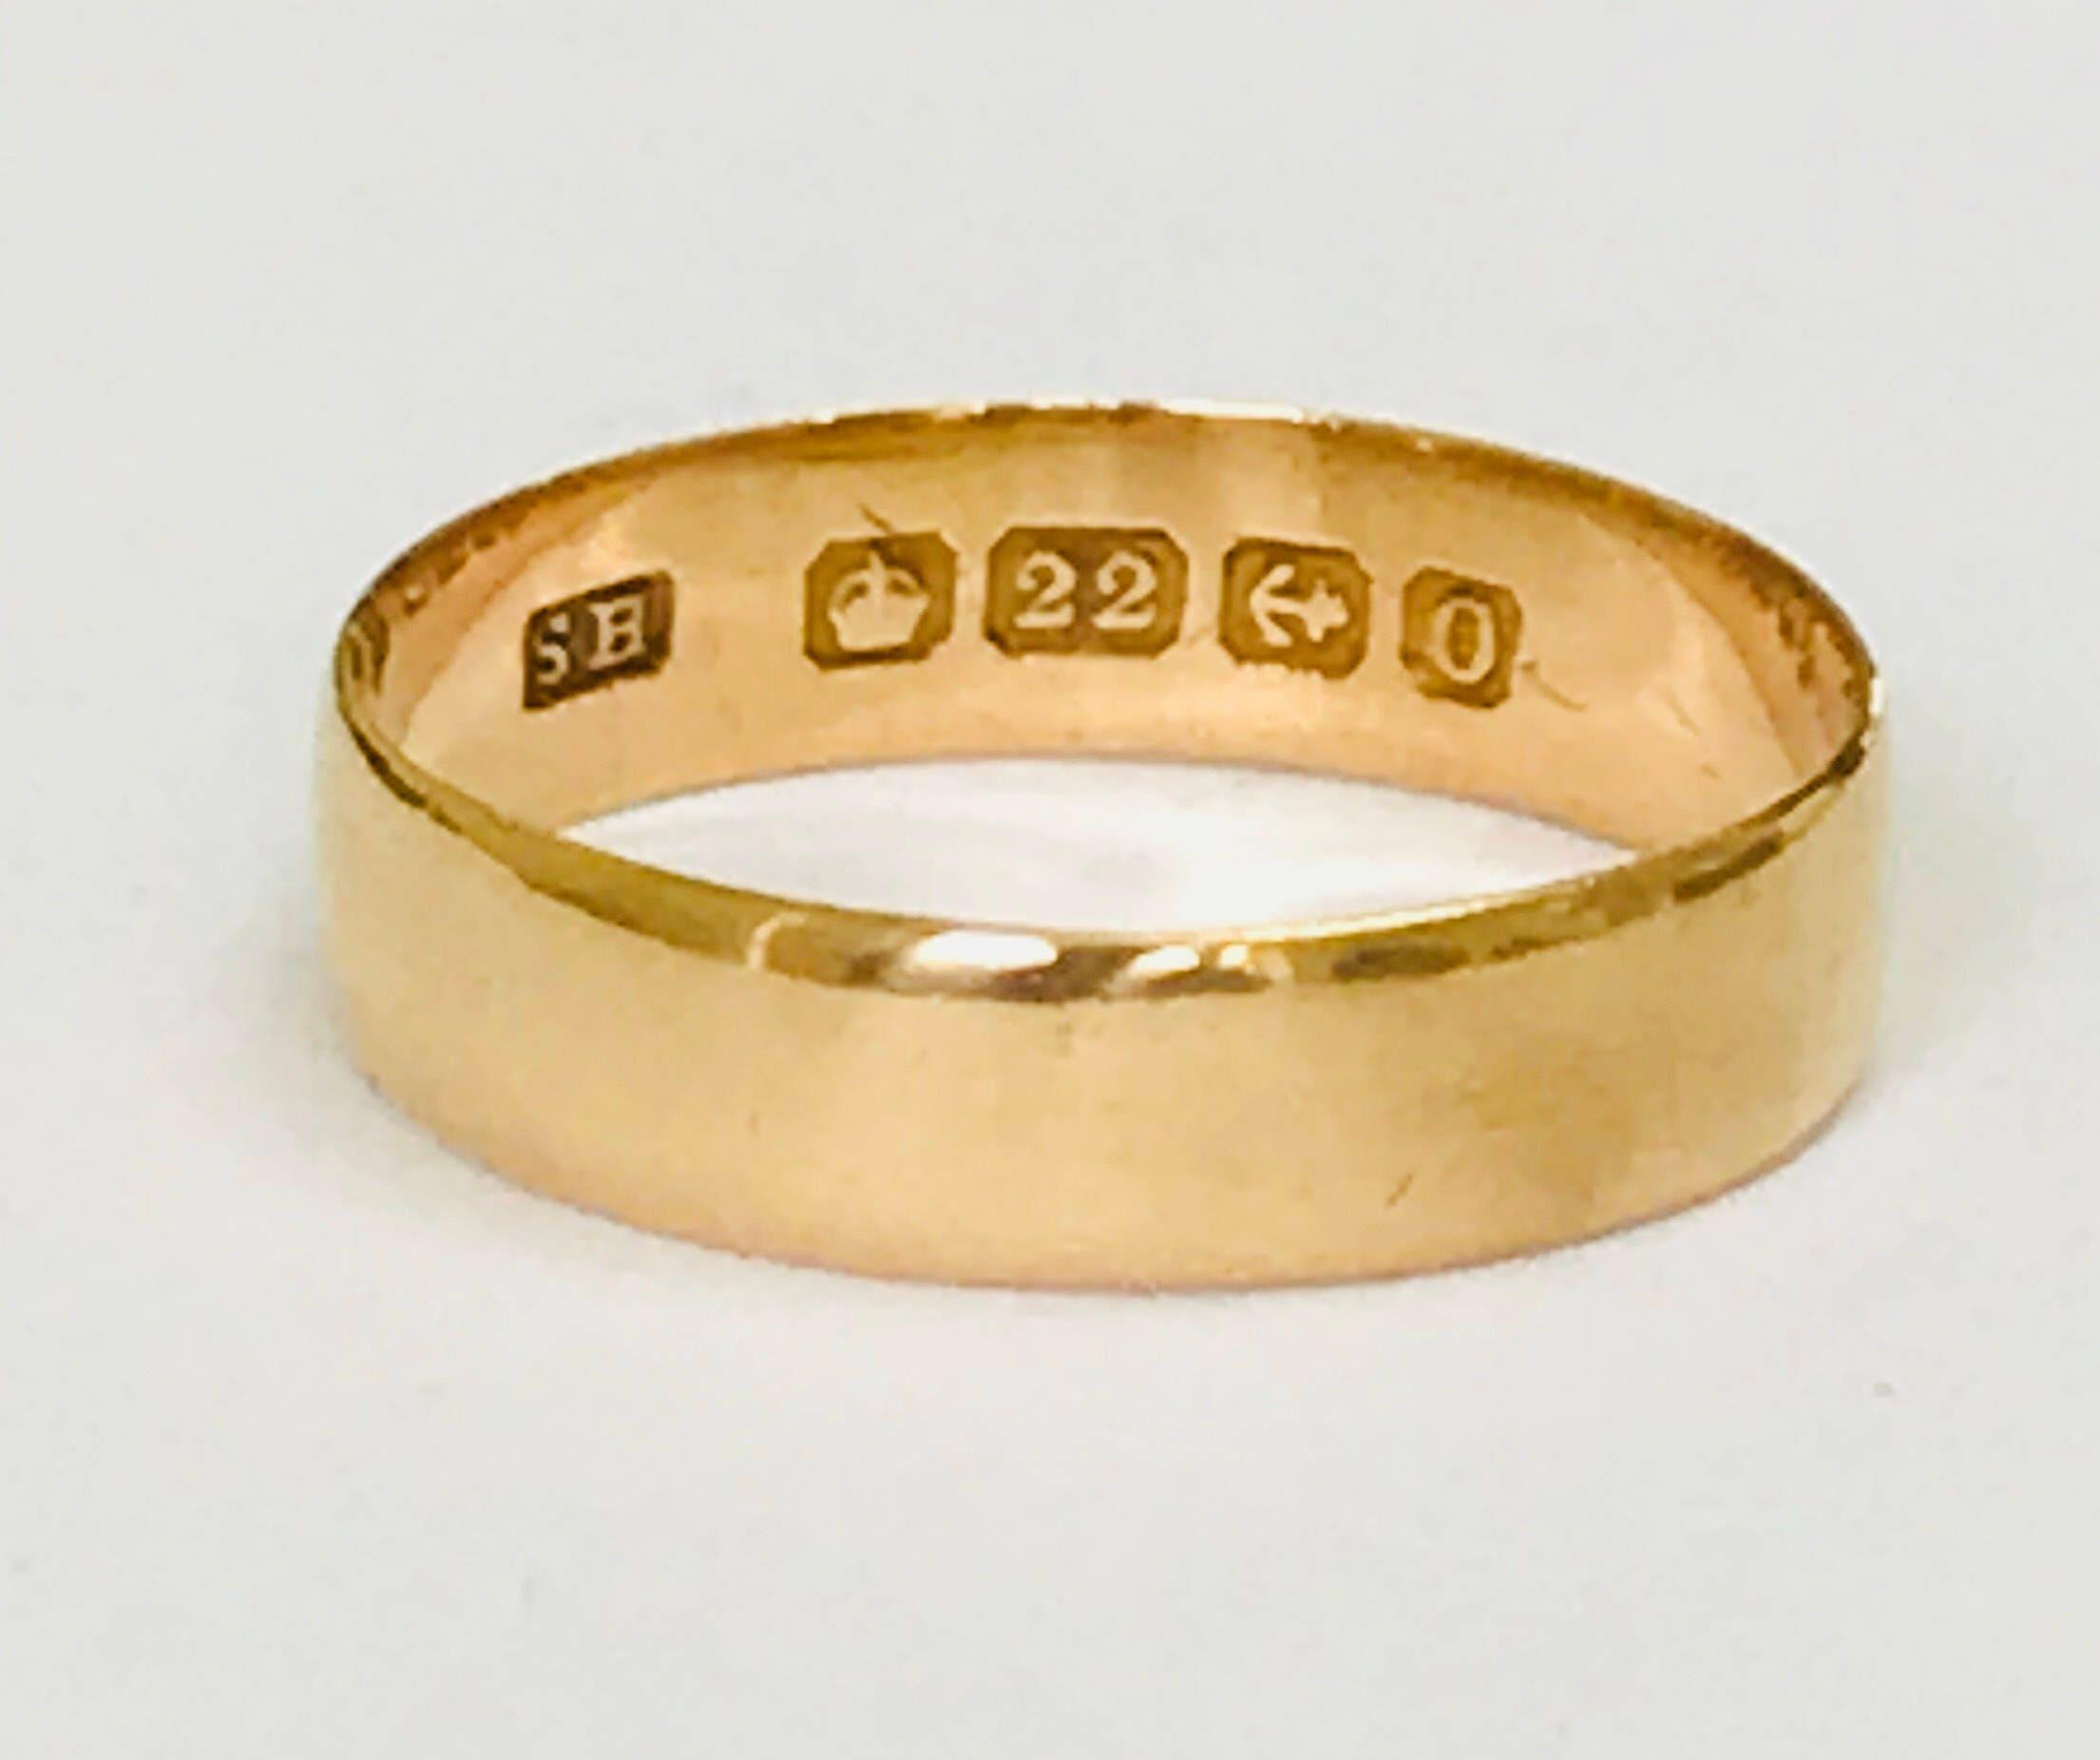 Superb Antique 22ct Gold Wedding Ring Hallmarked Birmingham 1938